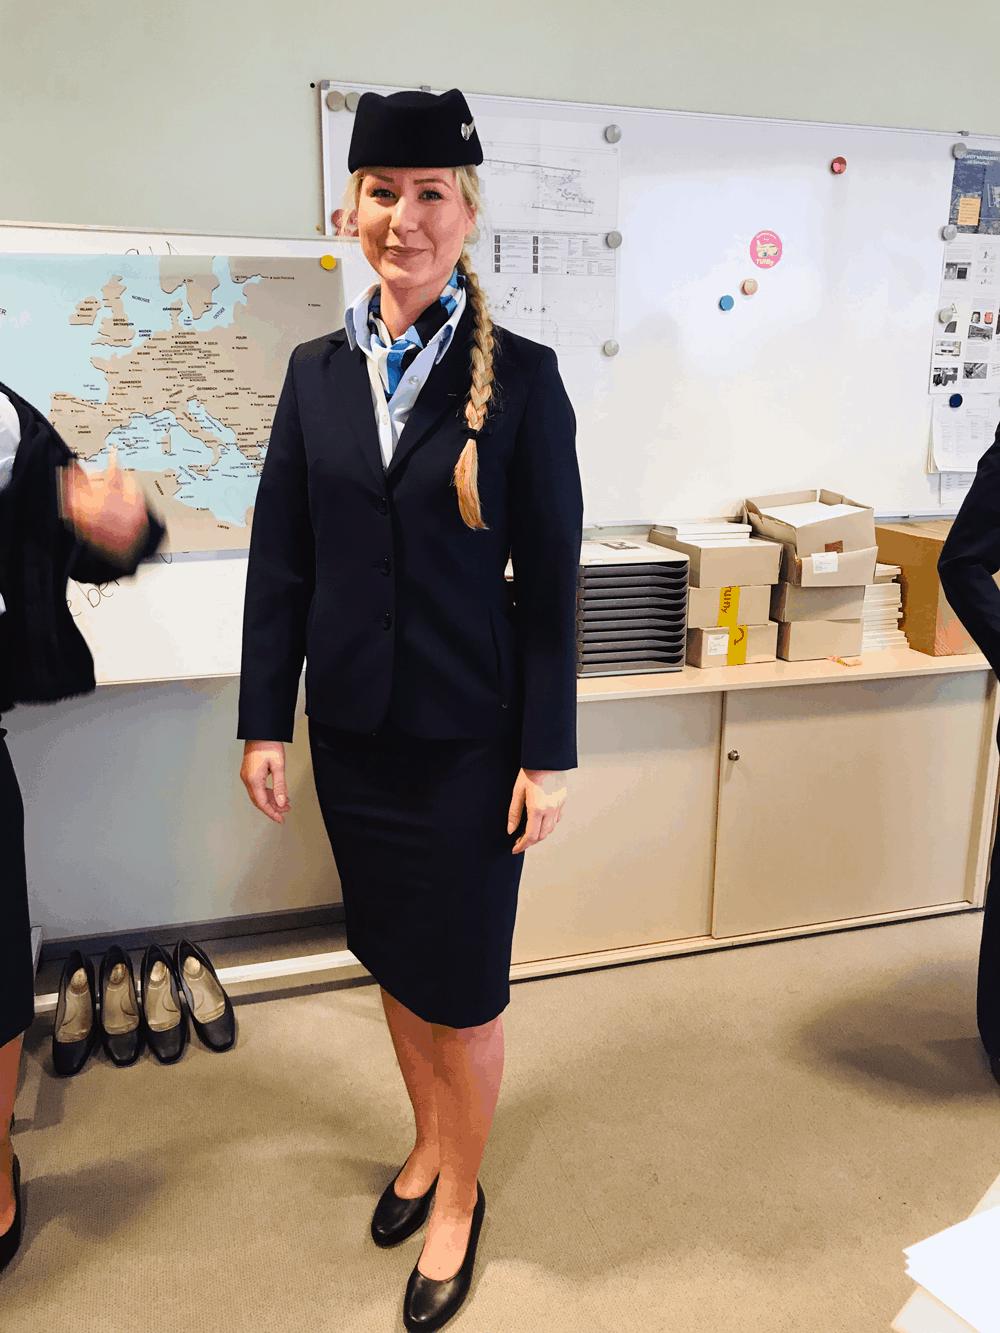 Die Frauen haben für die Anprobe der Uniformen etwas mehr Zeit benötigt als die Männer, da sie eine größere Auswahl an Kleidungsstücken hatten